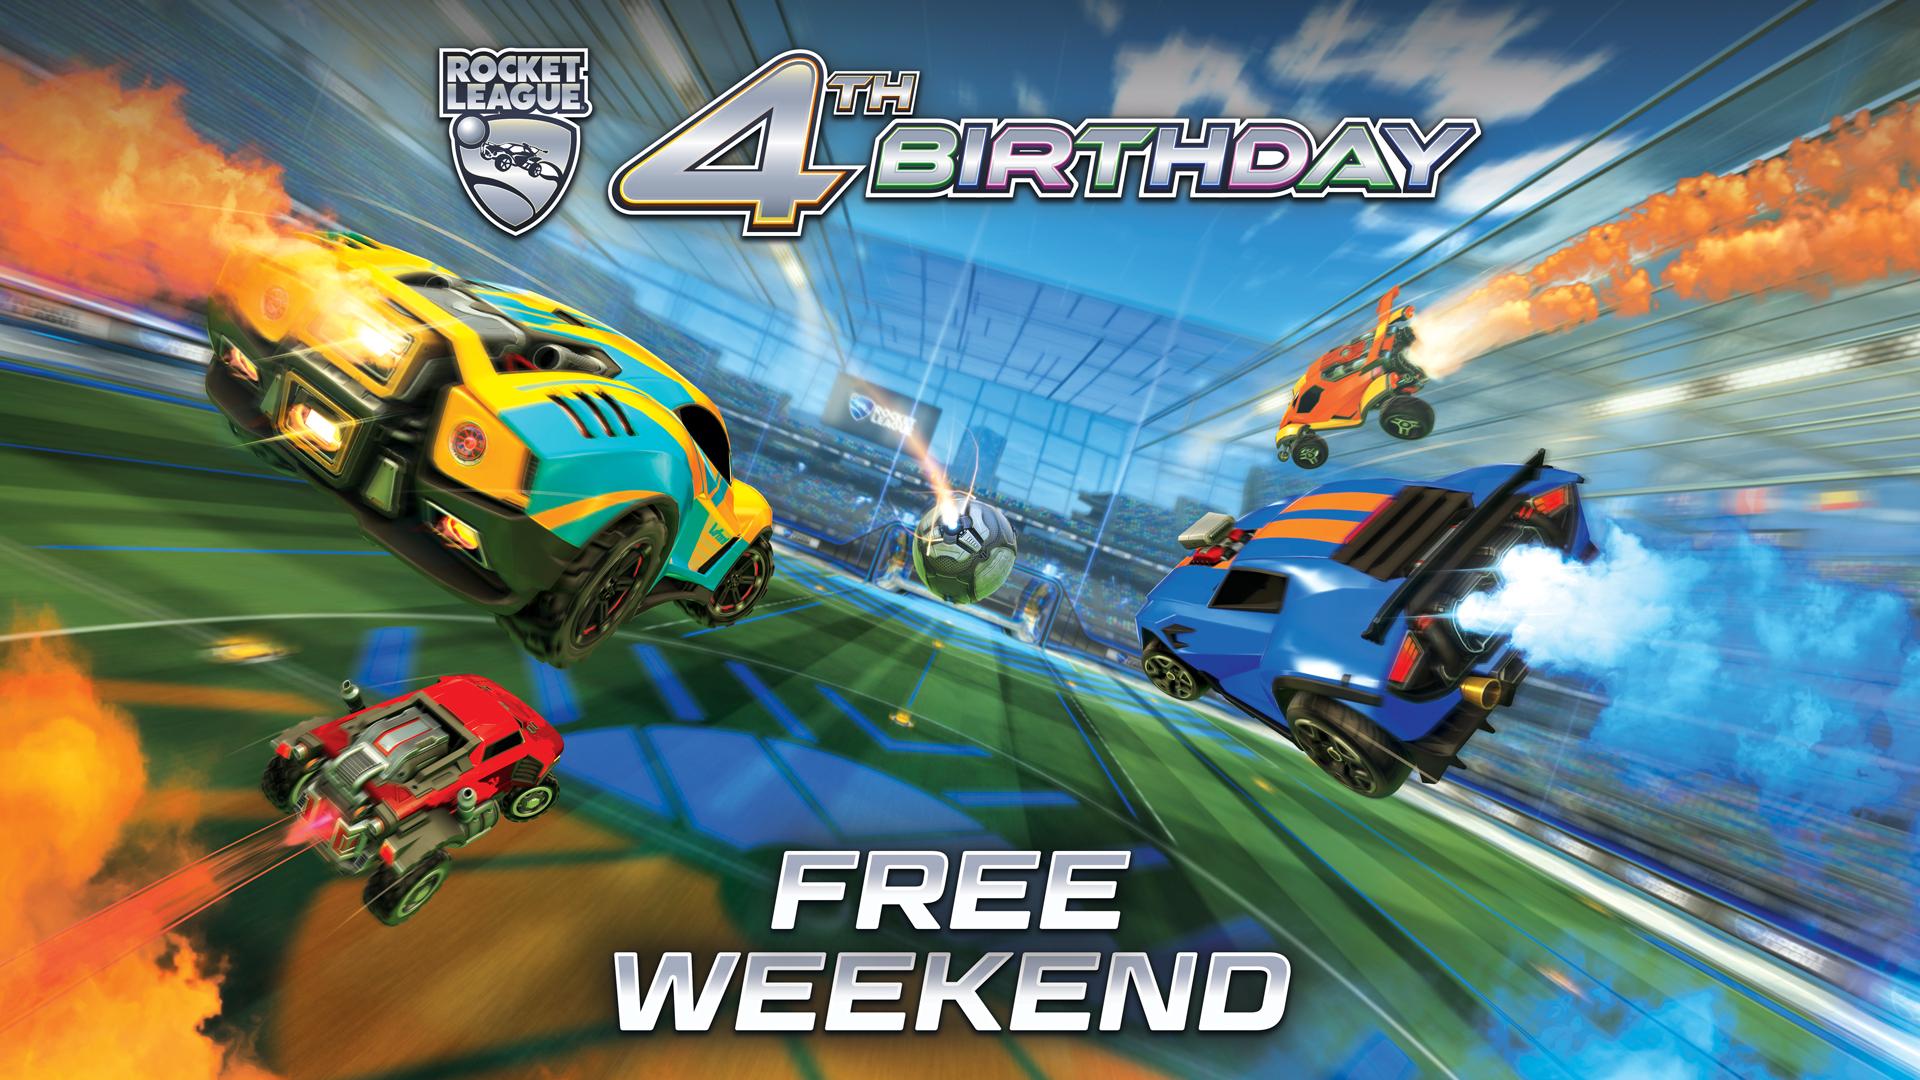 Darmowy weekend z grą Rocket League na konsoli Xbox One oraz PC